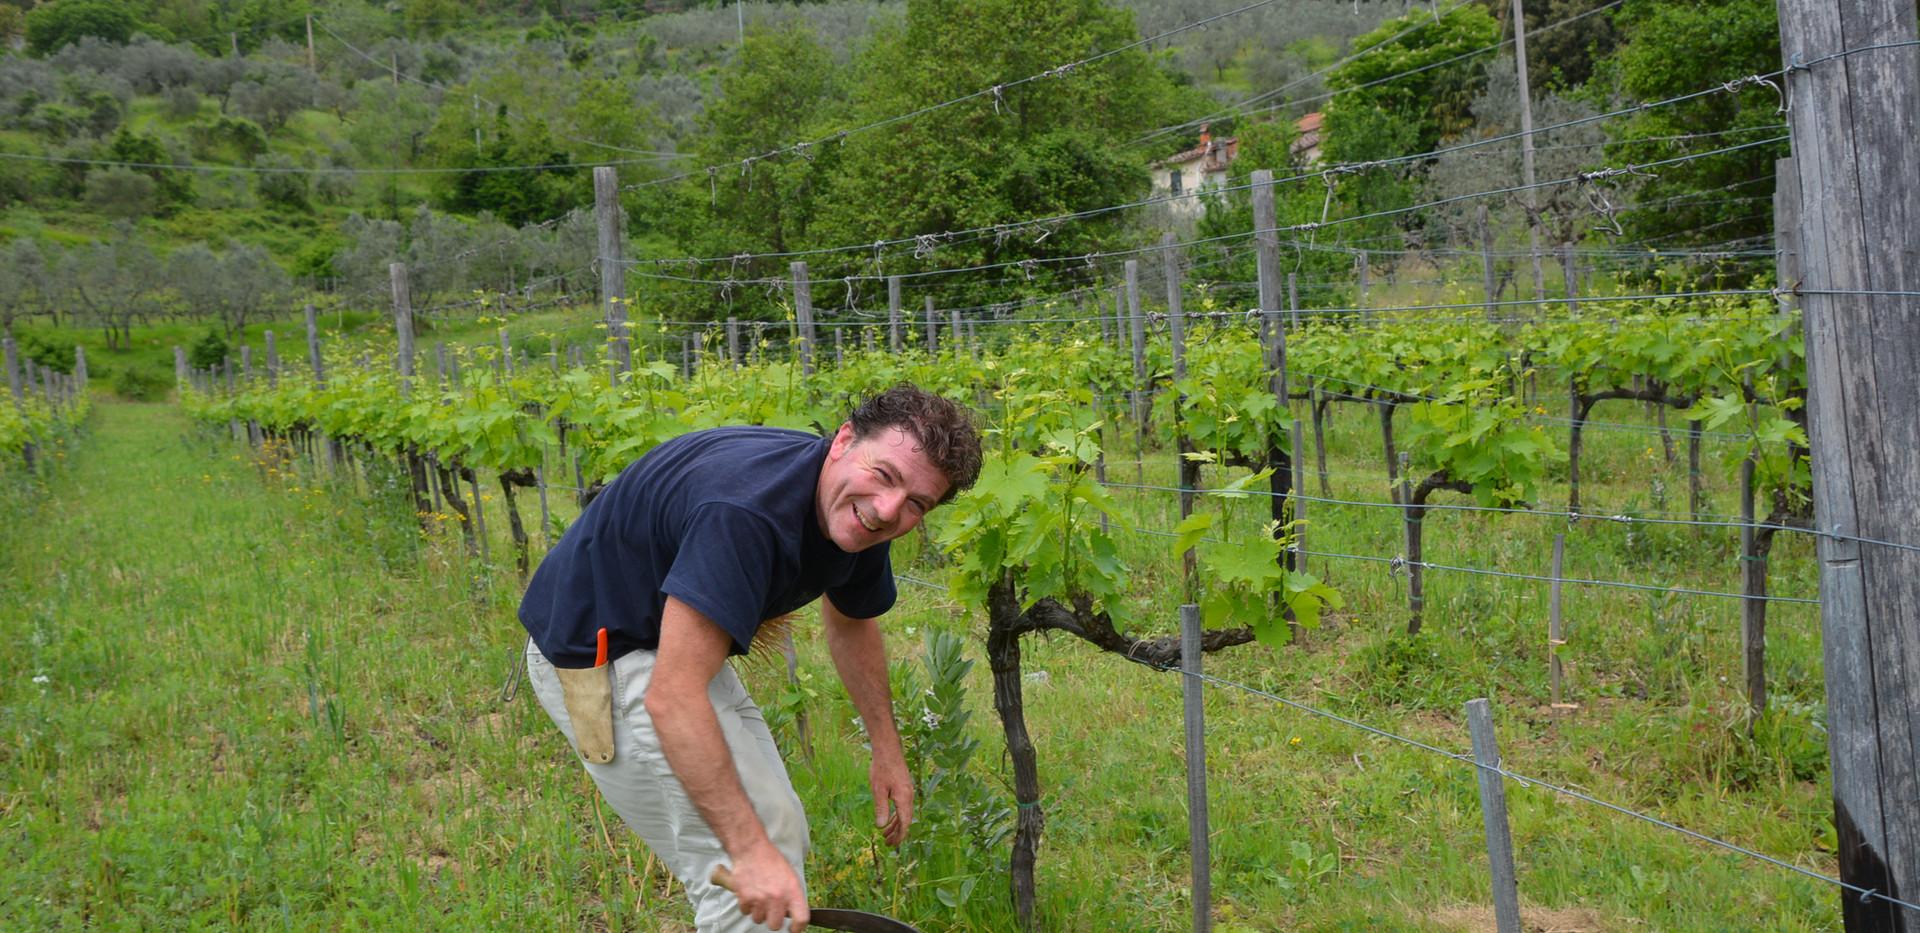 Biodynamic vineyard worked by hand